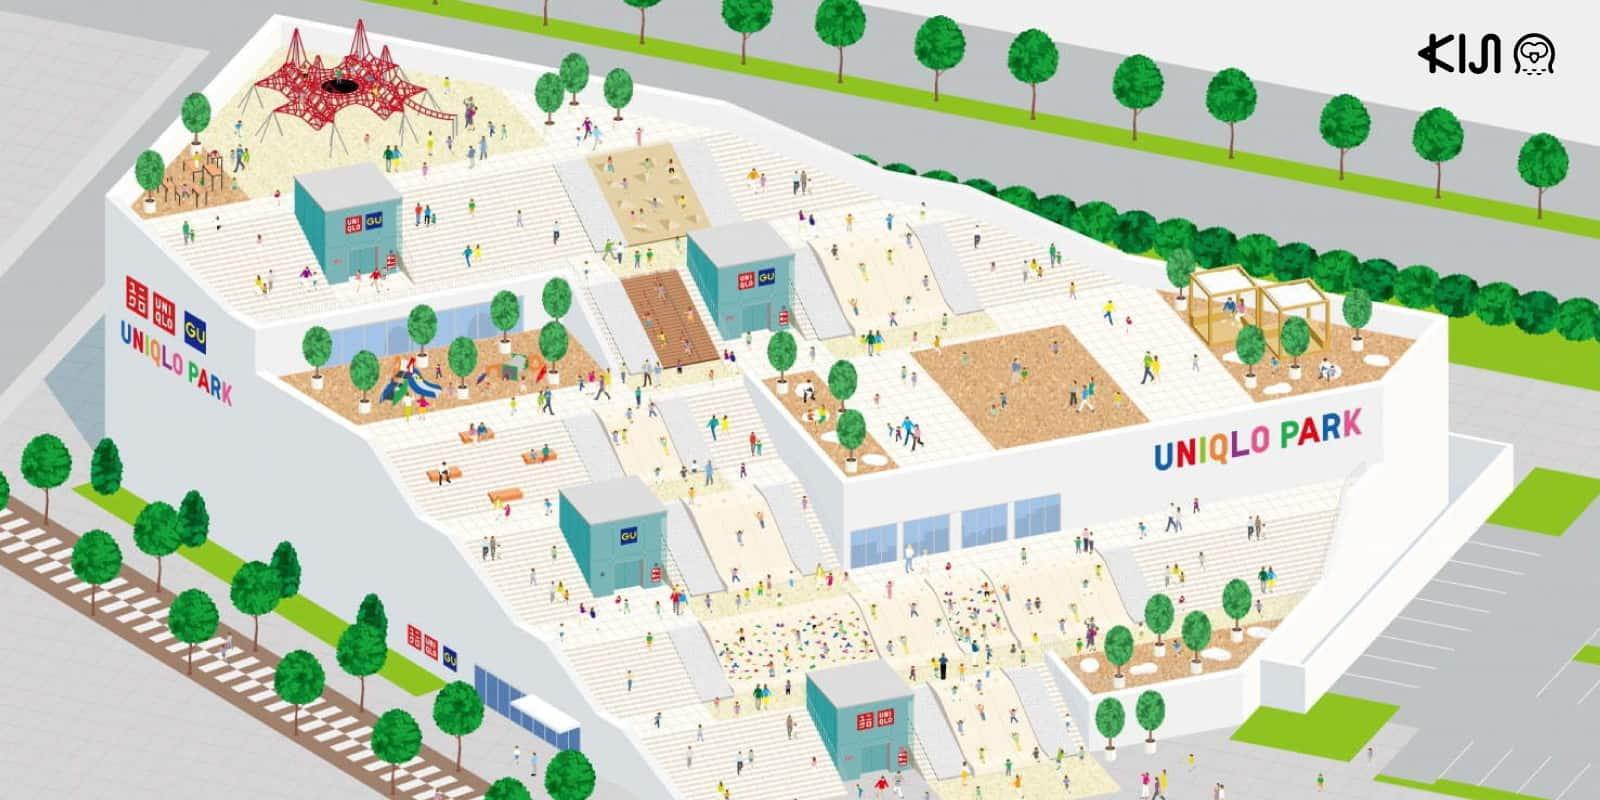 Uniqlo Park สวนสนุกและสโตร์แห่งใหม่ที่โยโกฮาม่า